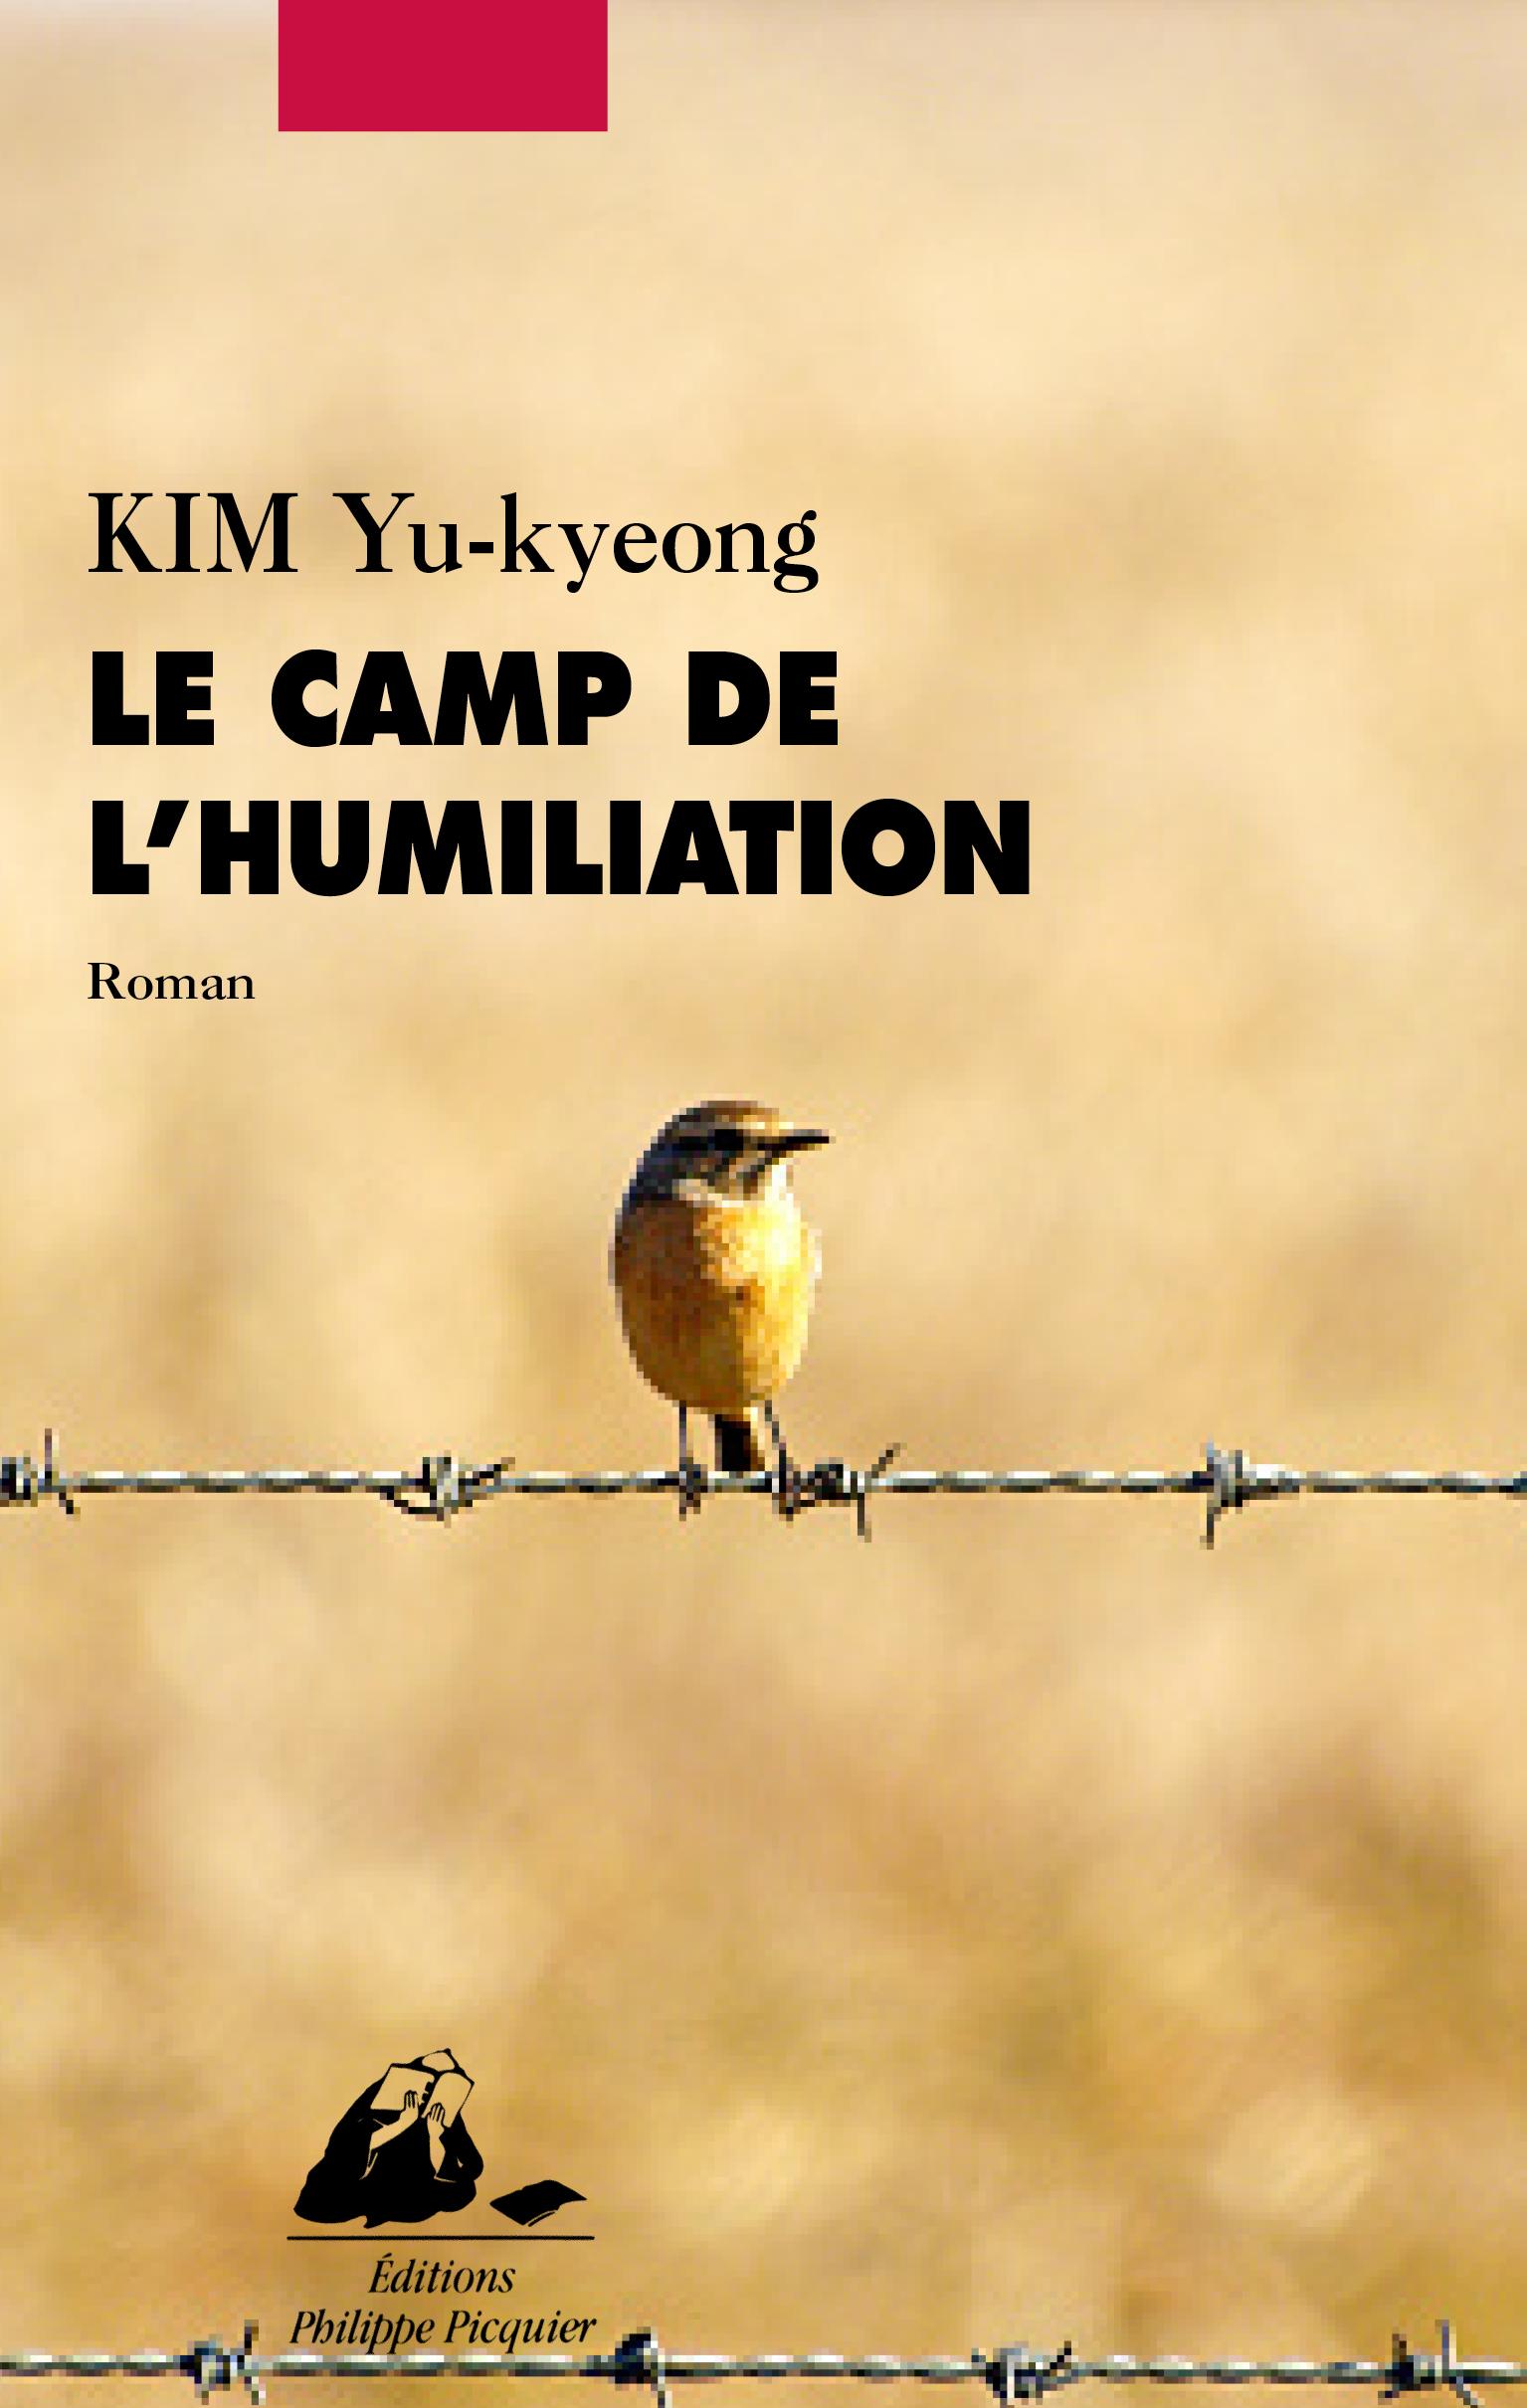 Le Camp de l'humiliation